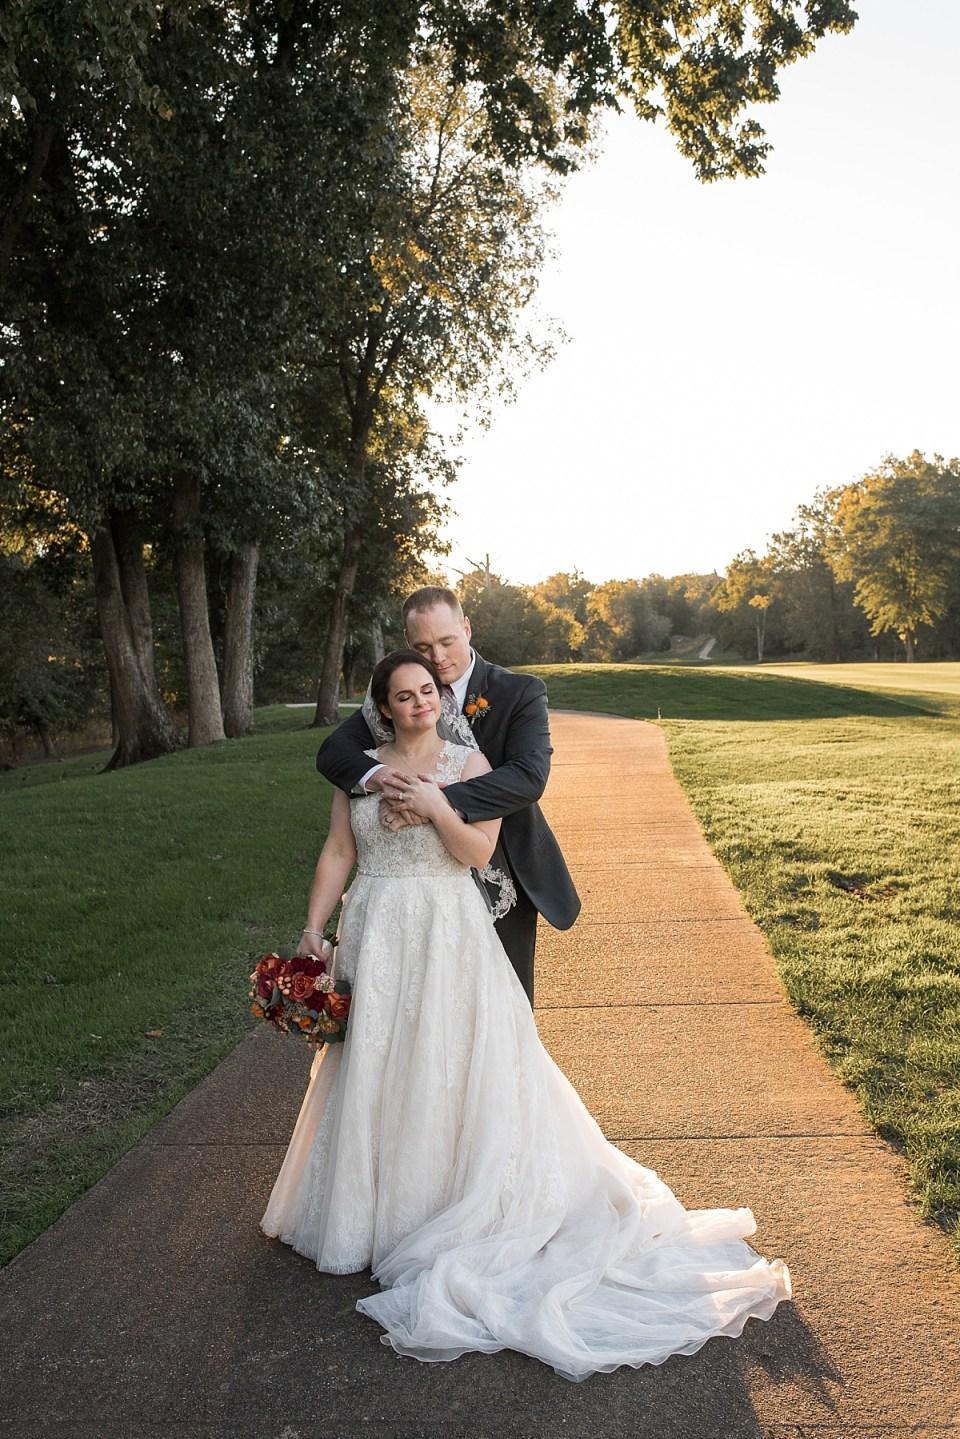 Wedding at River Creek Club in Leesburg, VA